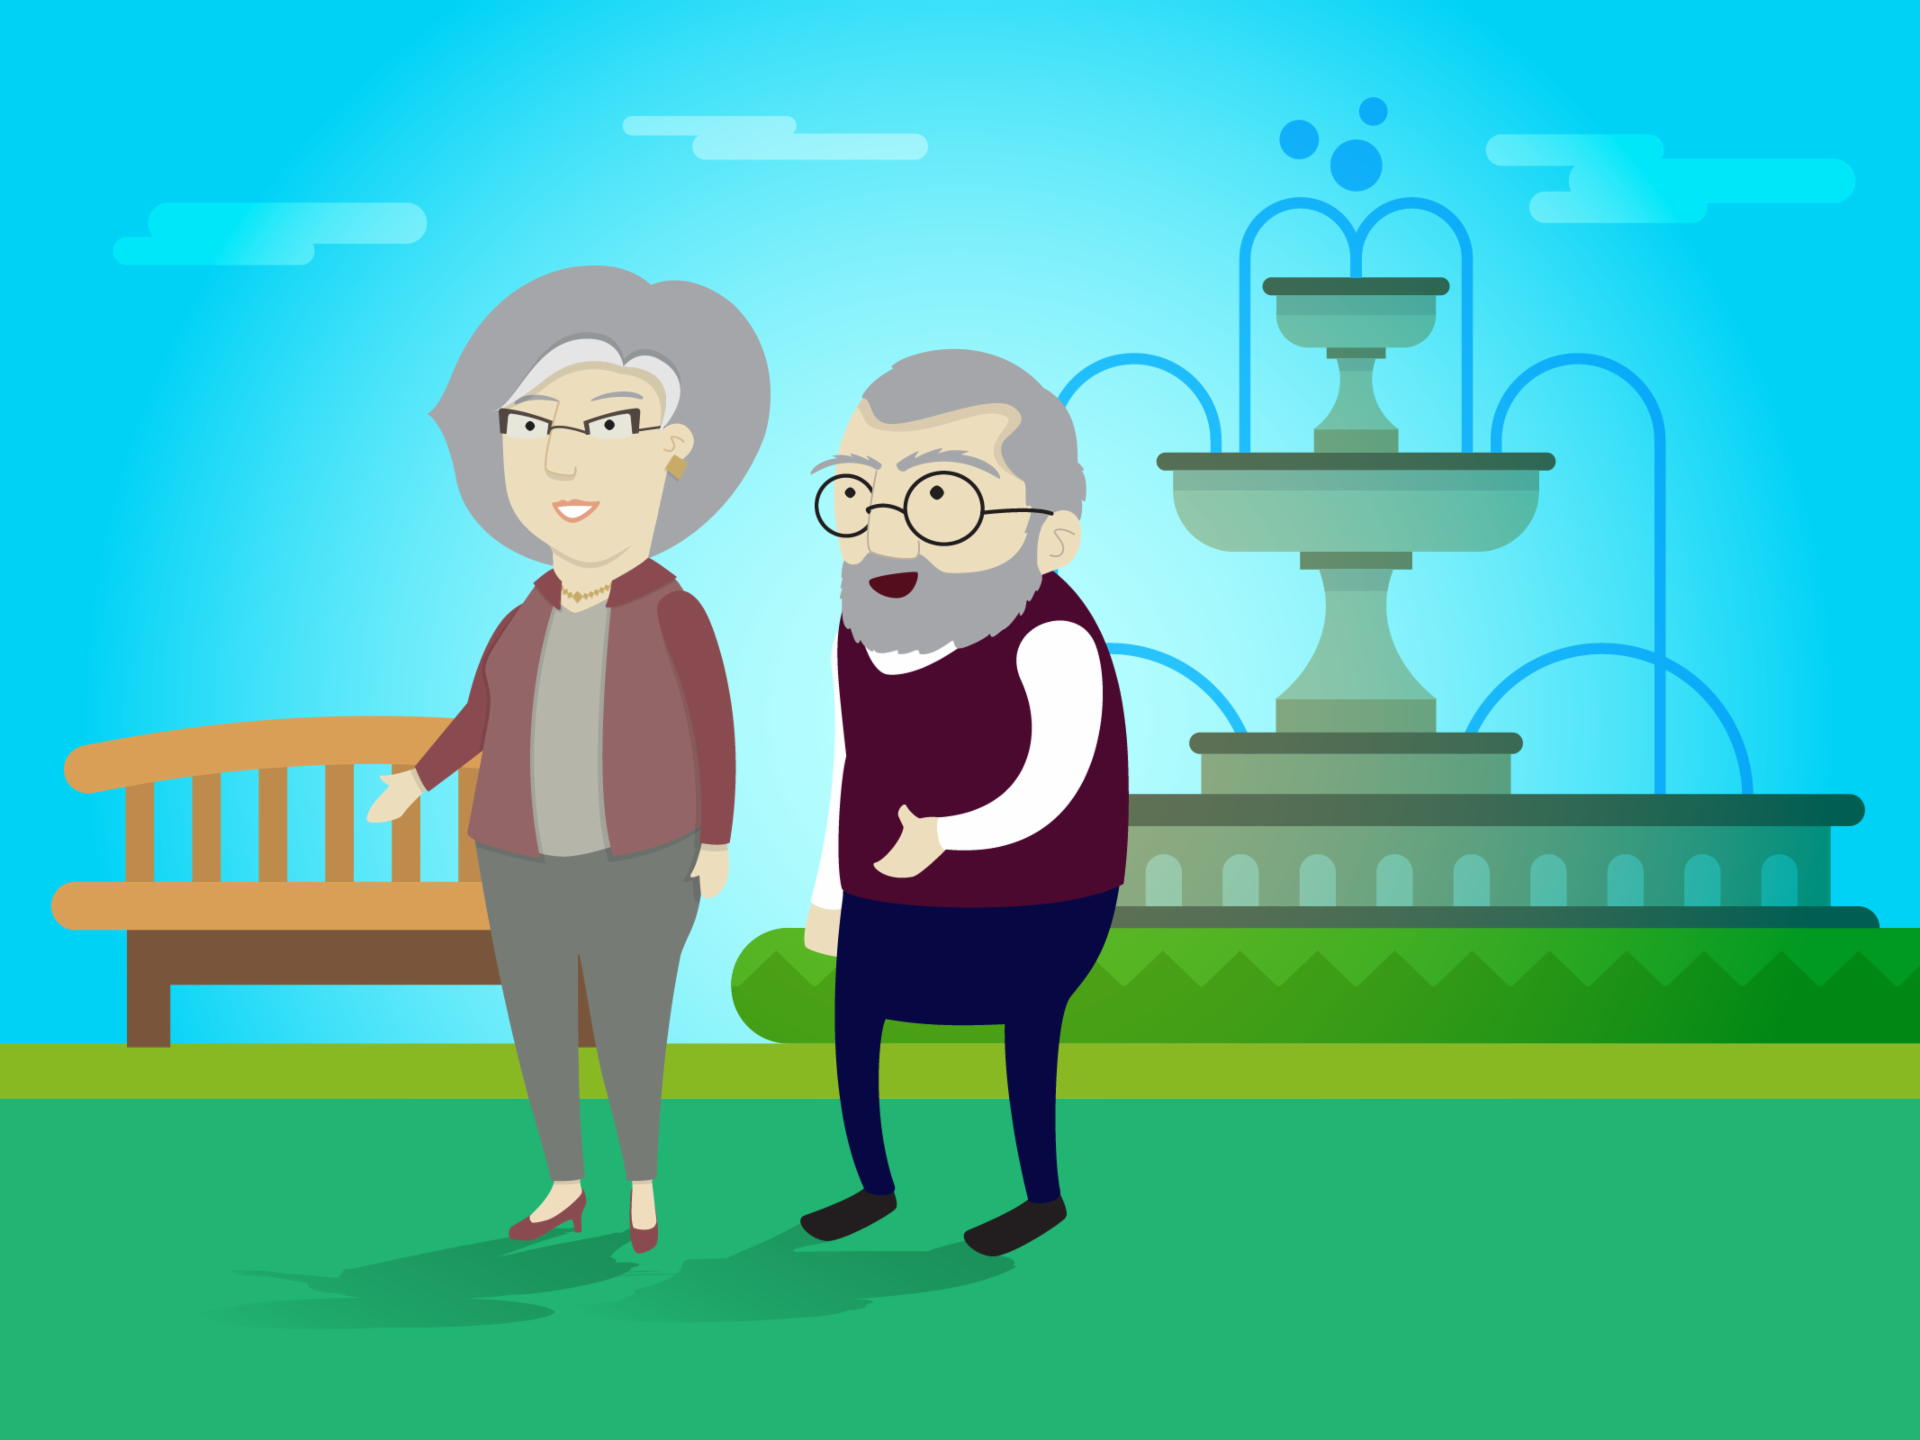 Cuide da sua velhice, isso é muito importante.